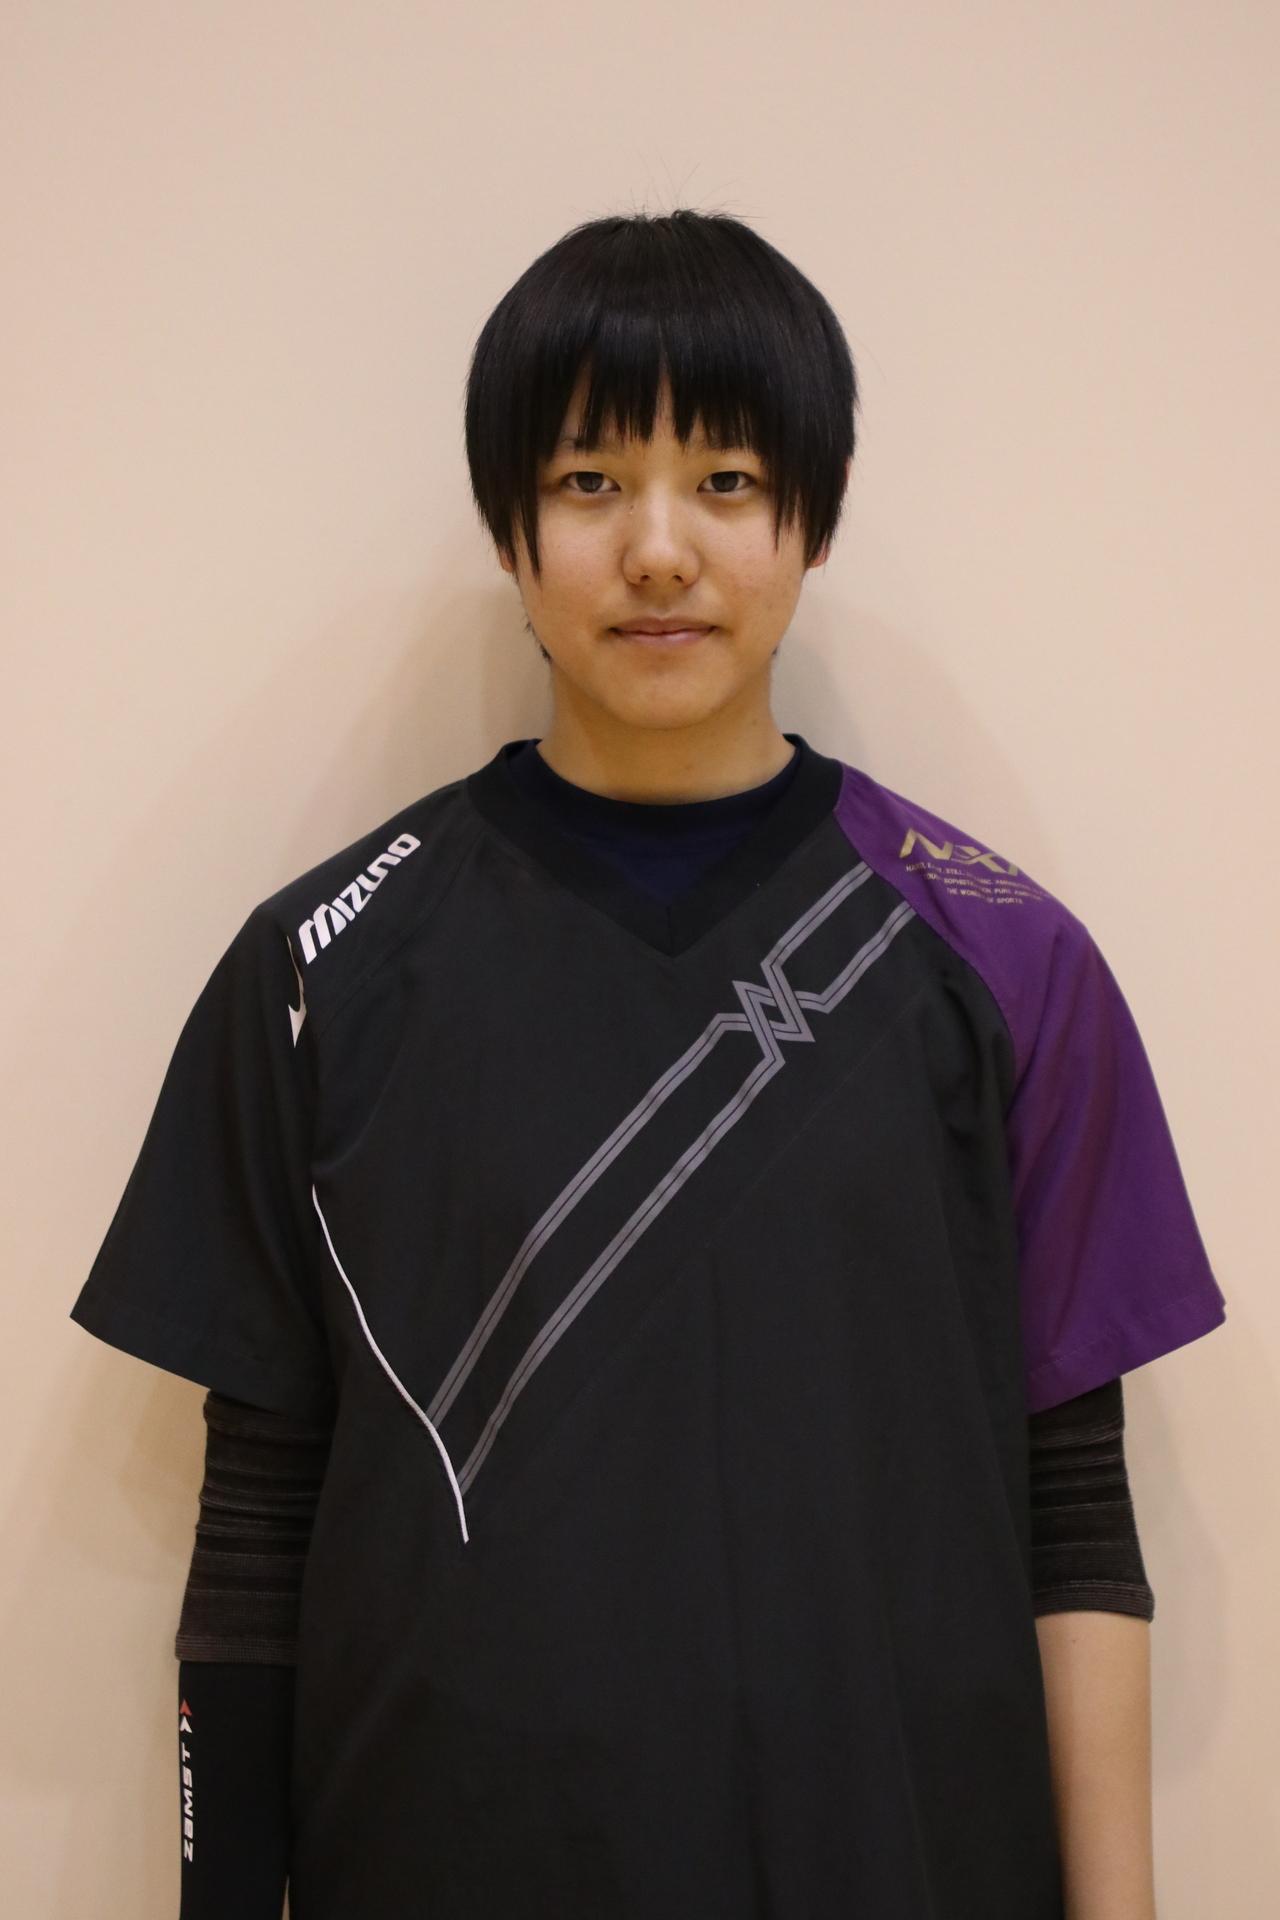 Mao Ito